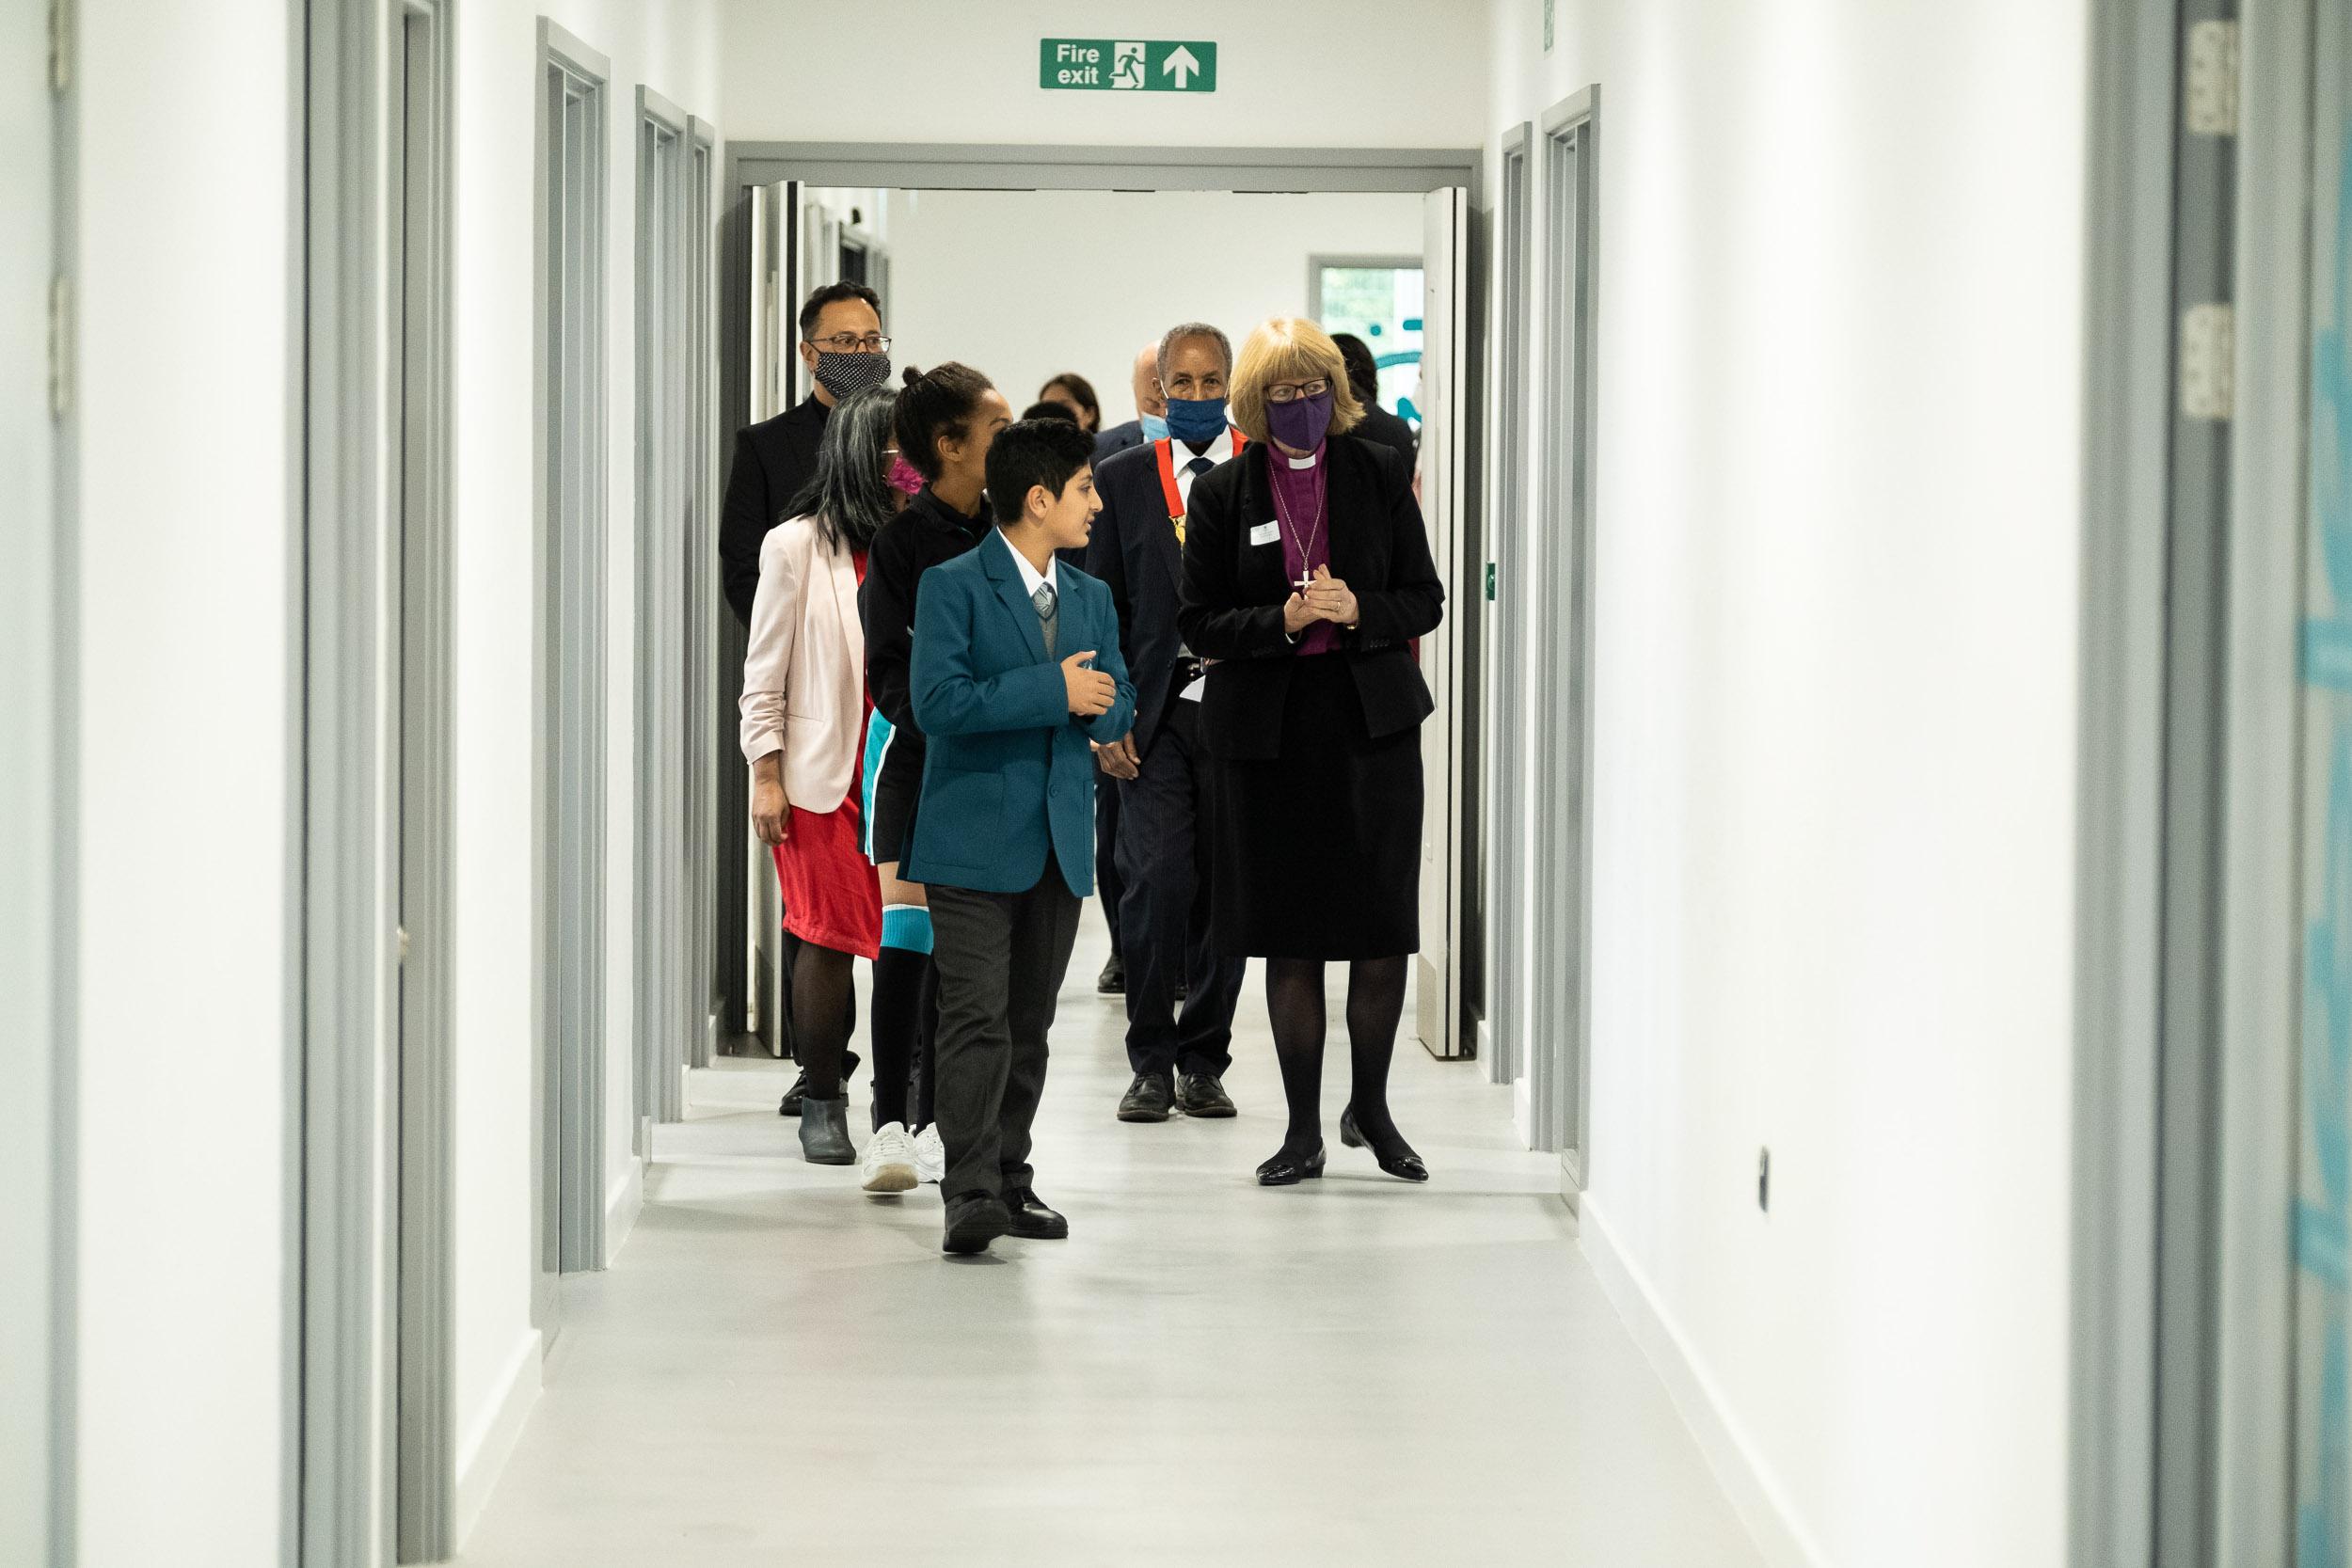 Bishop, students, Mayor, Chaplain in Ada Corridor